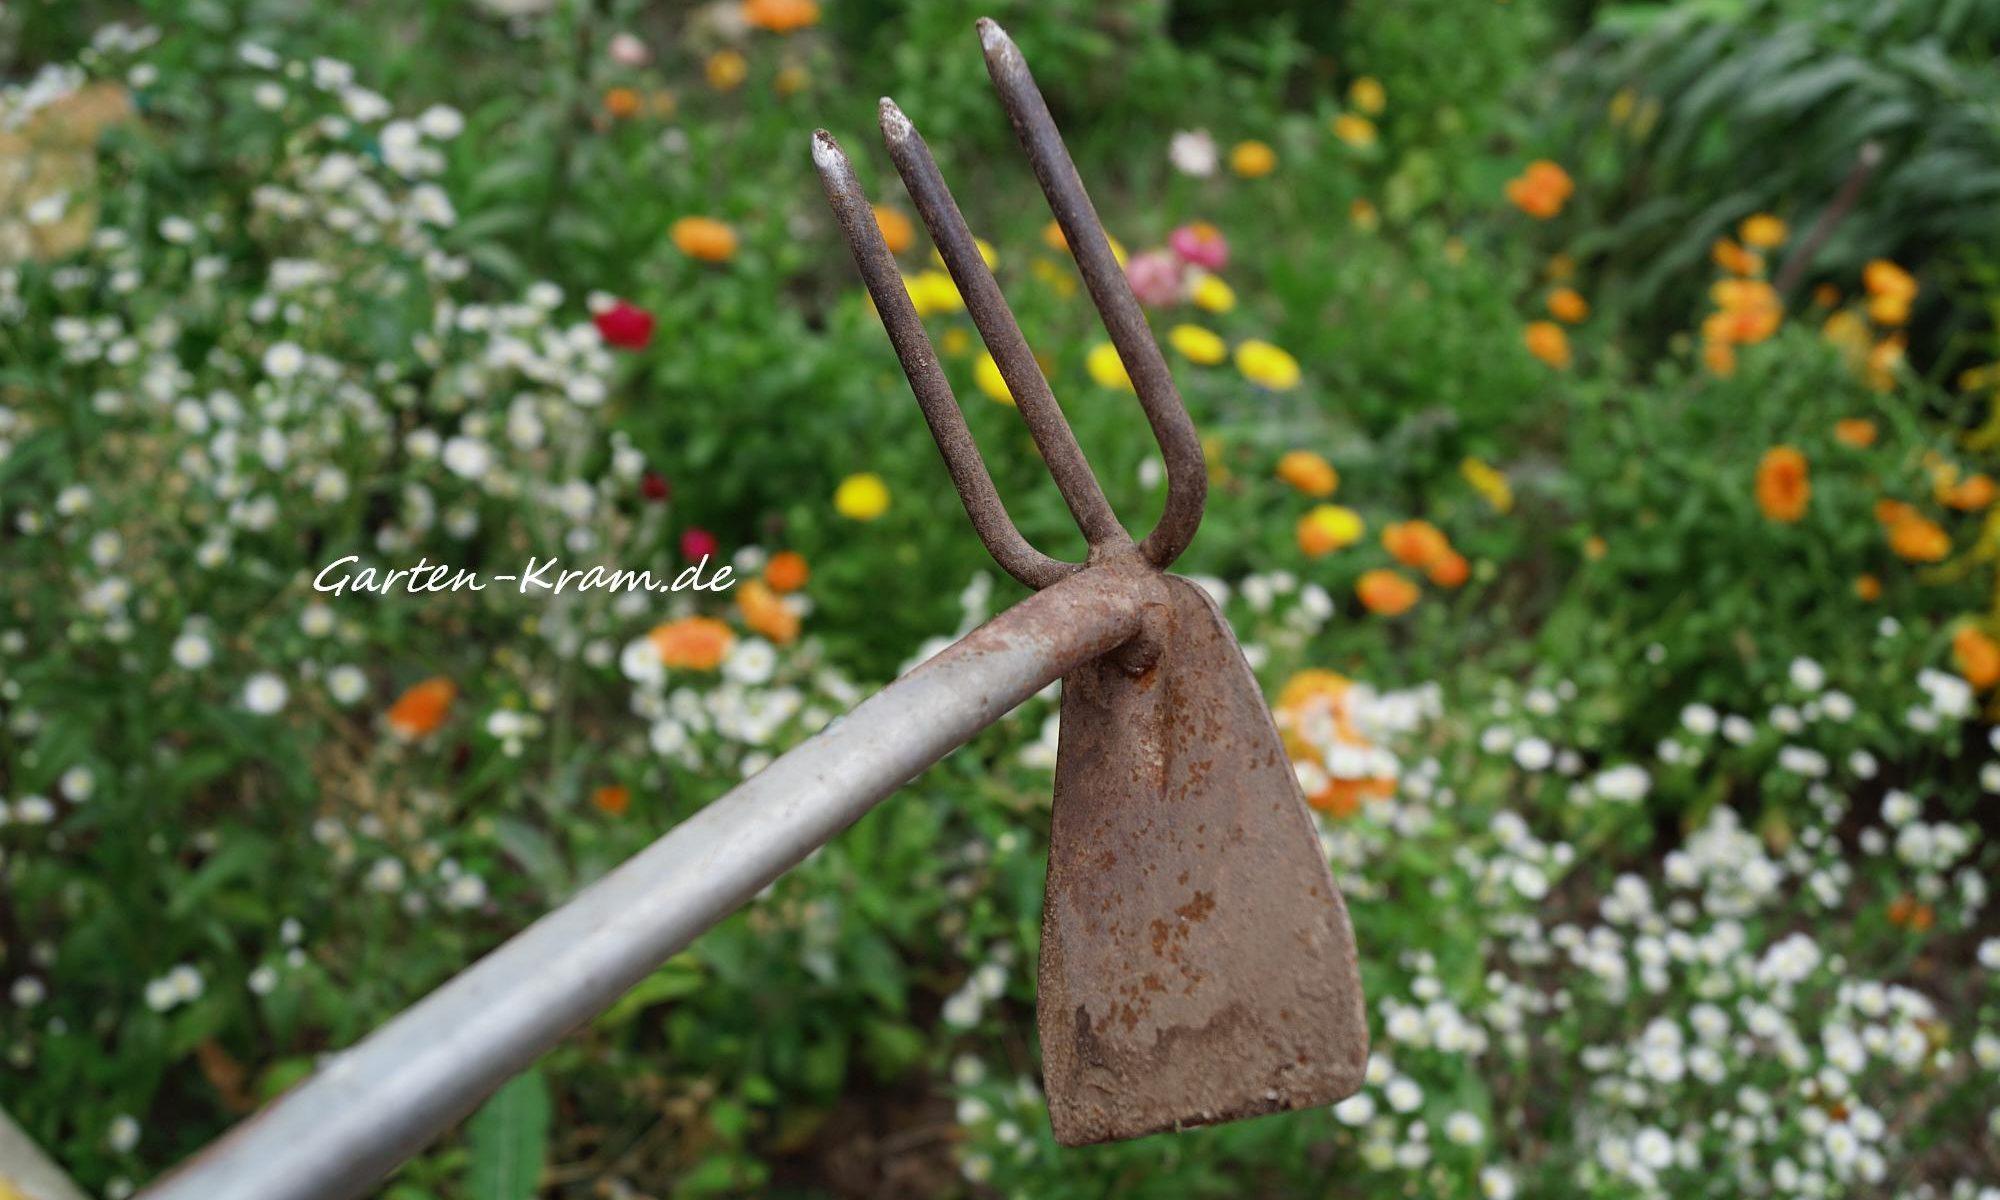 Doppelhacke ein unverzichtbares Gartengerät